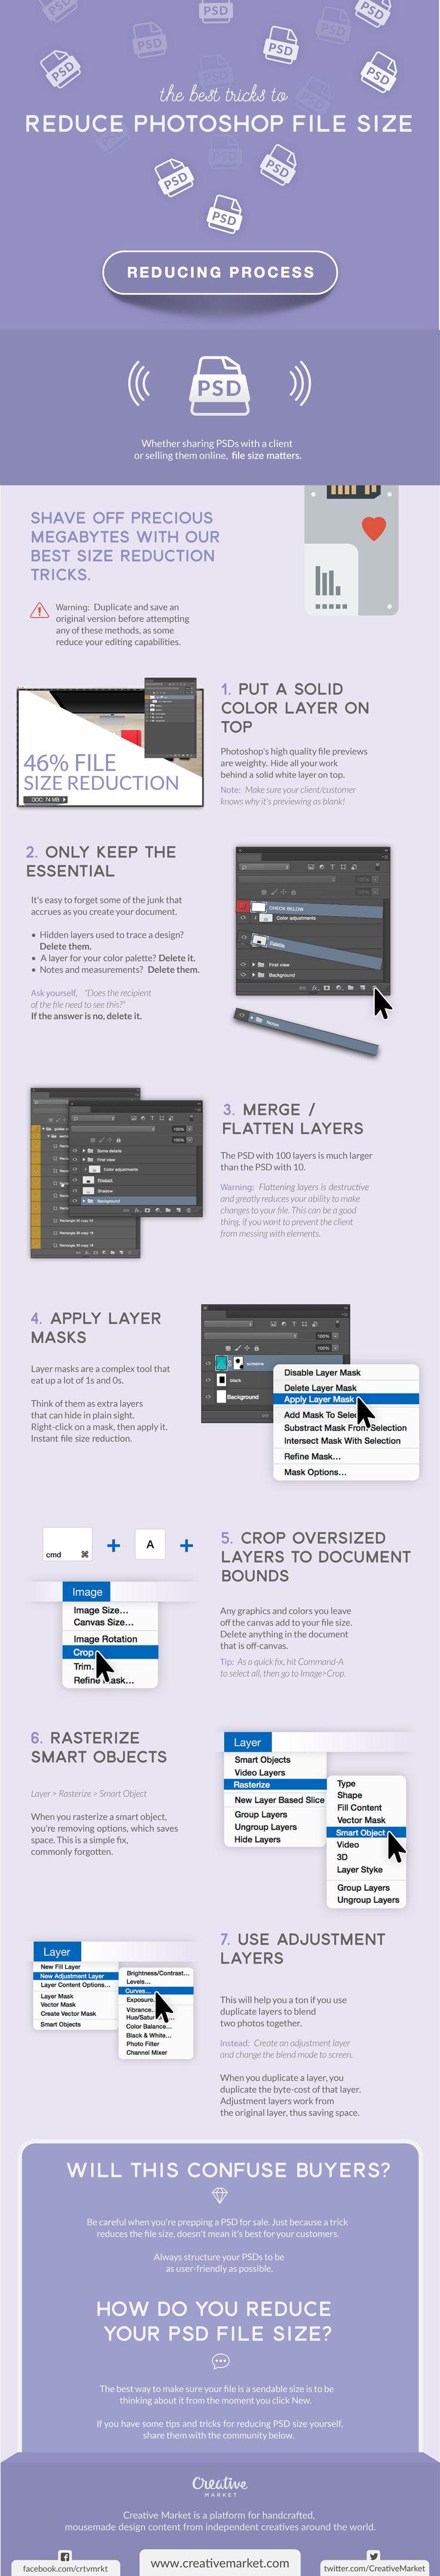 50+ PSD UI Web design elements | Webdesigner Depot